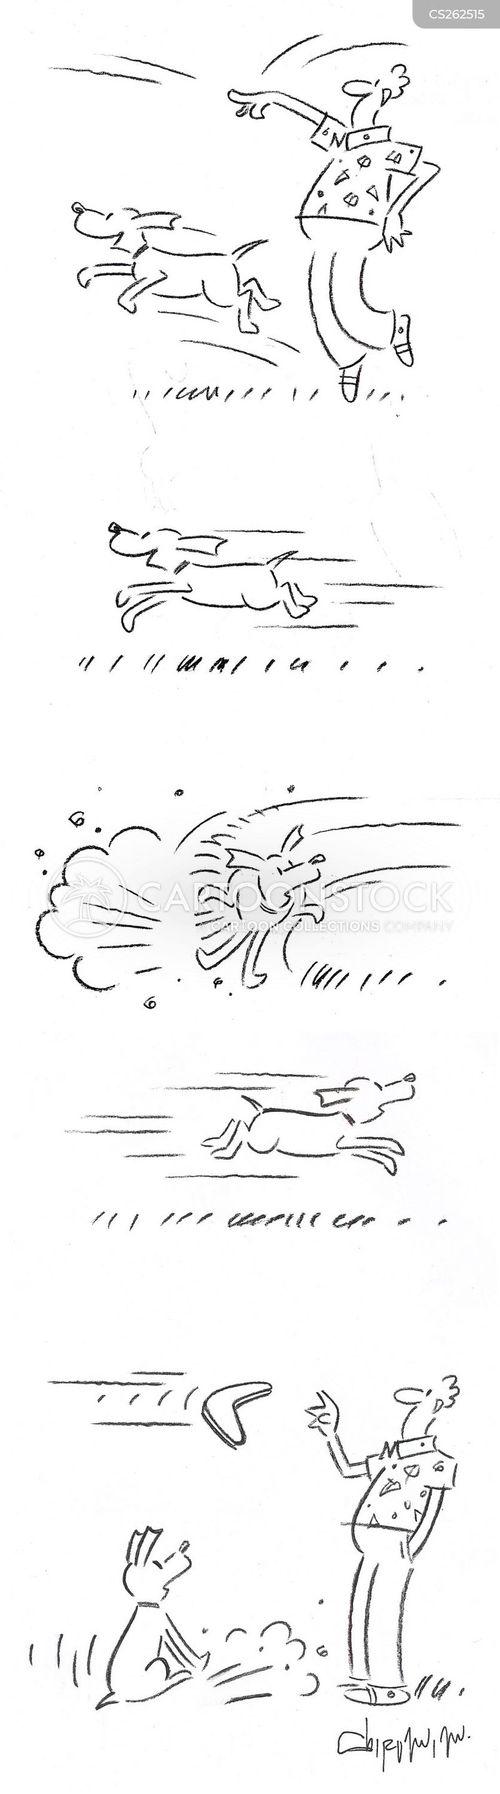 play fetch cartoon